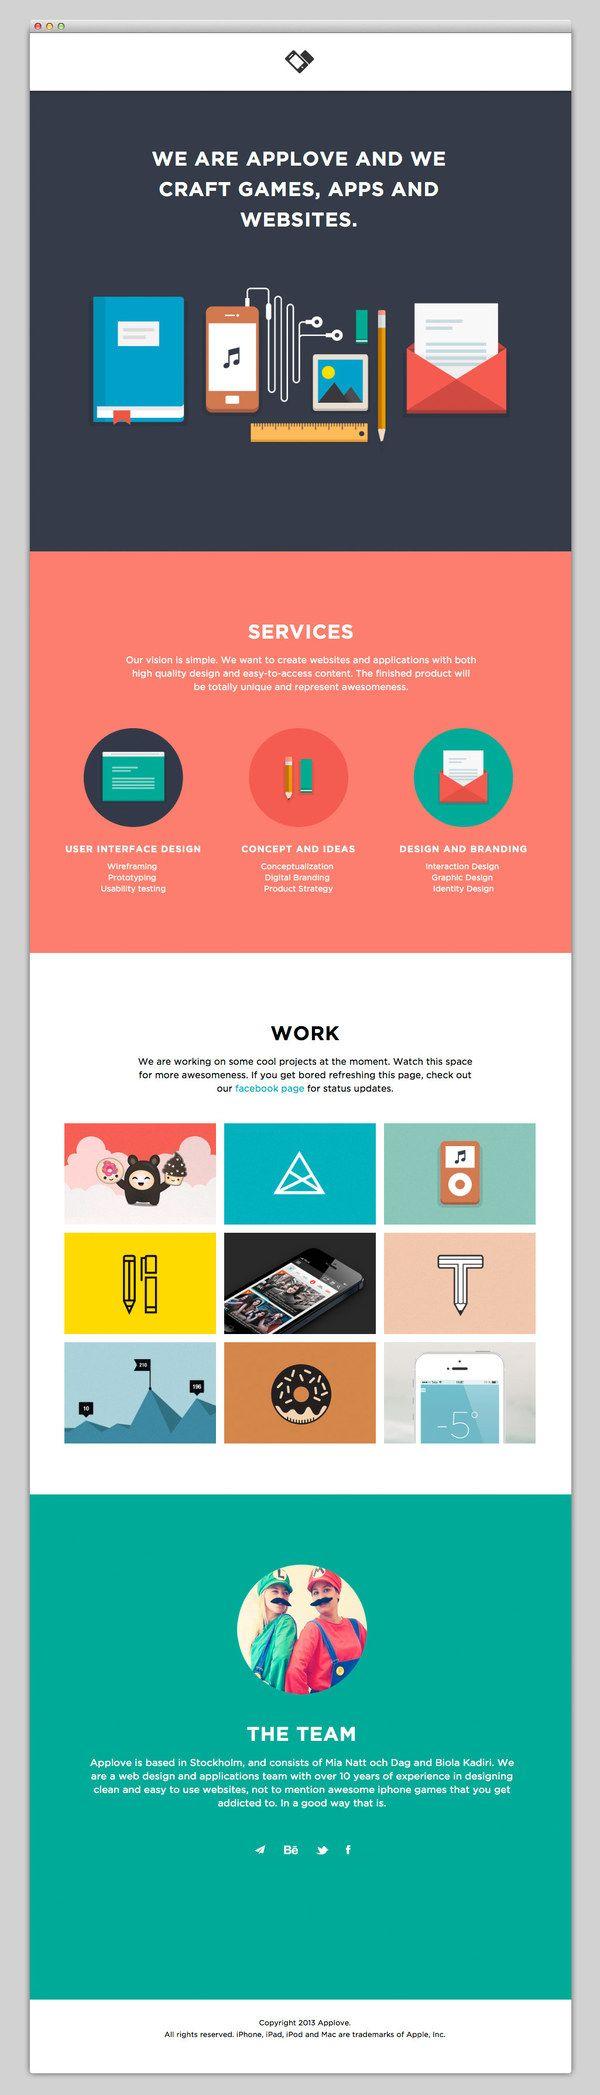 Websites We Love / Applove